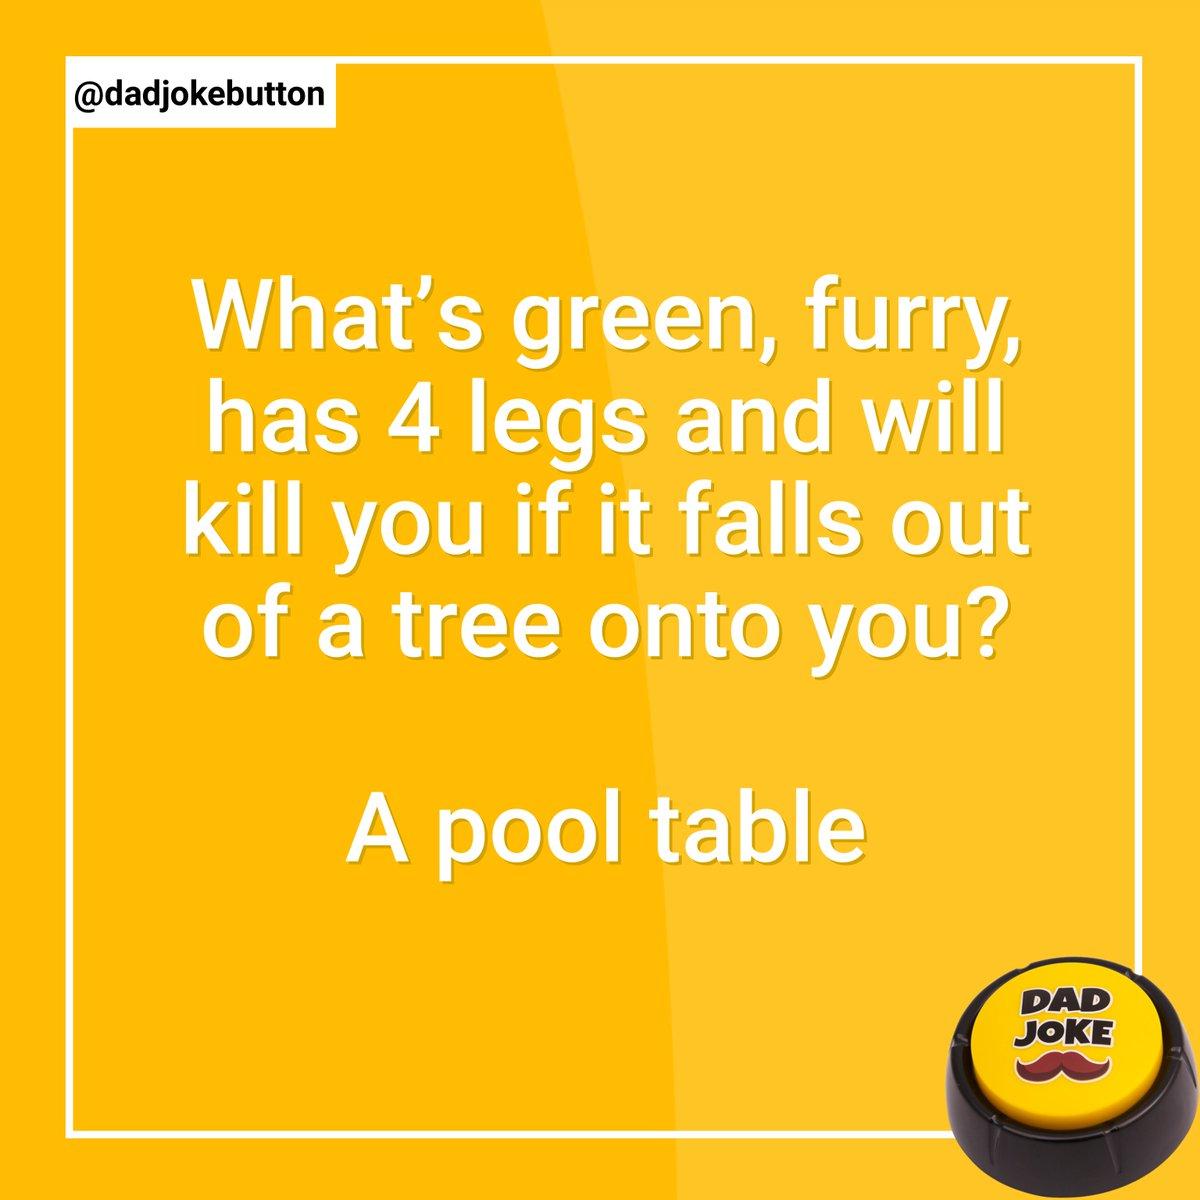 Follow @dadjokebutton  .  #dadjoke #dadjokes #jokes #joke #funny #comedy #puns #punsworld #punsfordays #jokesfordays #funnyjokes #jokesdaily #dailyjokes #humour #relatablejokes #laugh #joking #funnymemes #punny #pun #humor #talkingbuttonpic.twitter.com/SSMOzdmas8